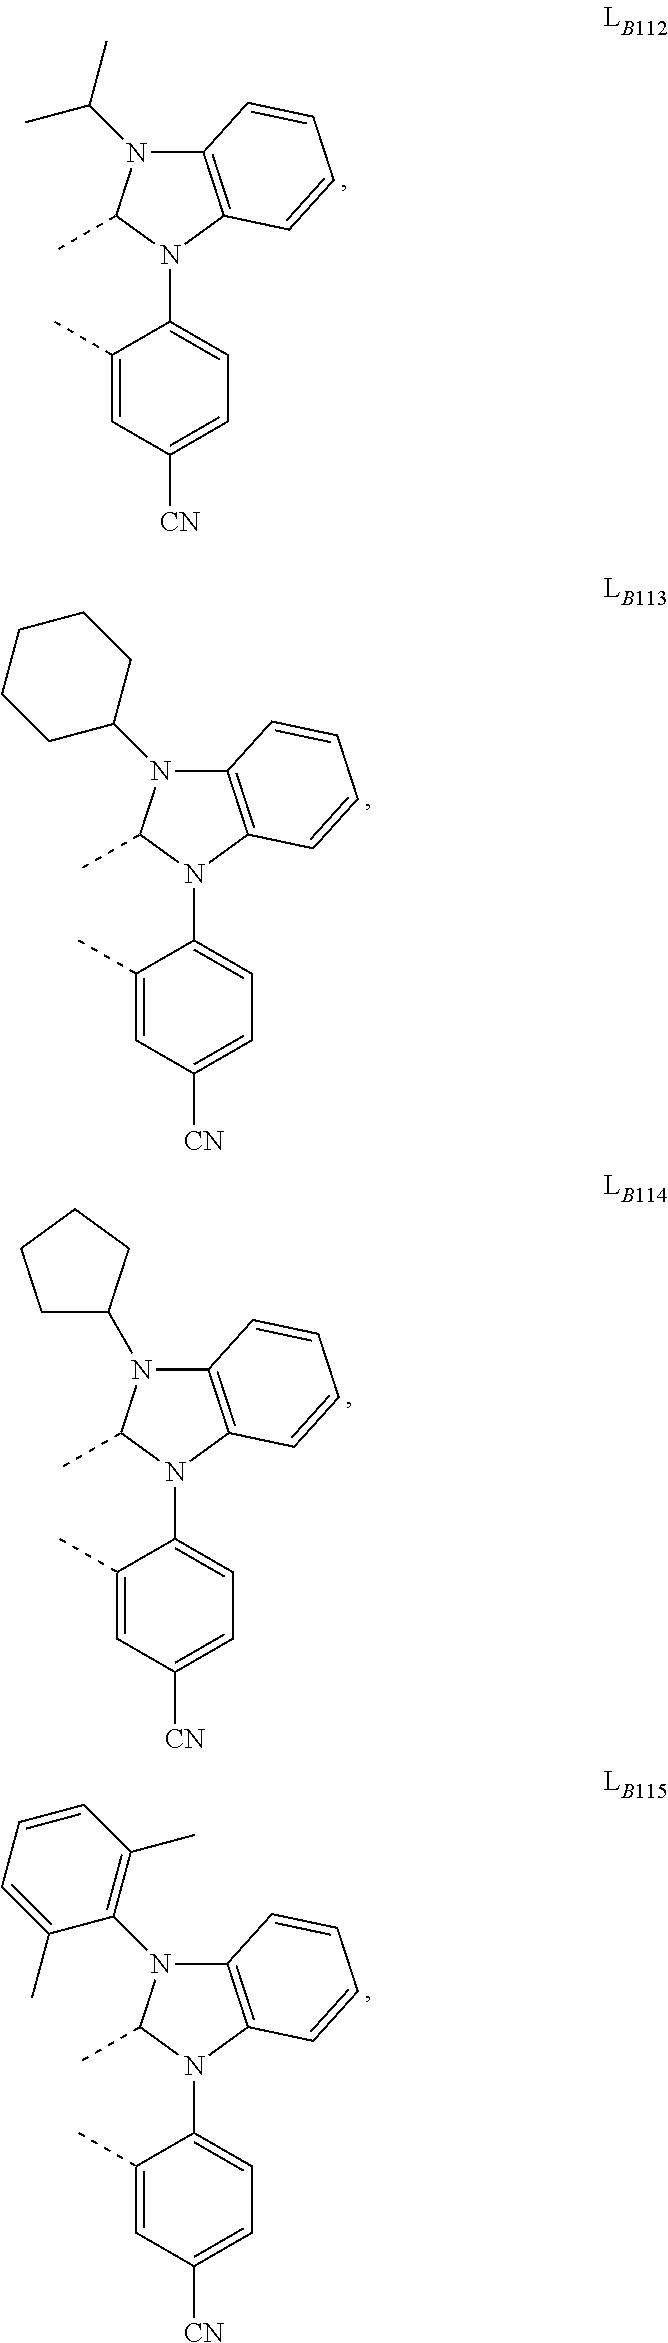 Figure US09905785-20180227-C00522